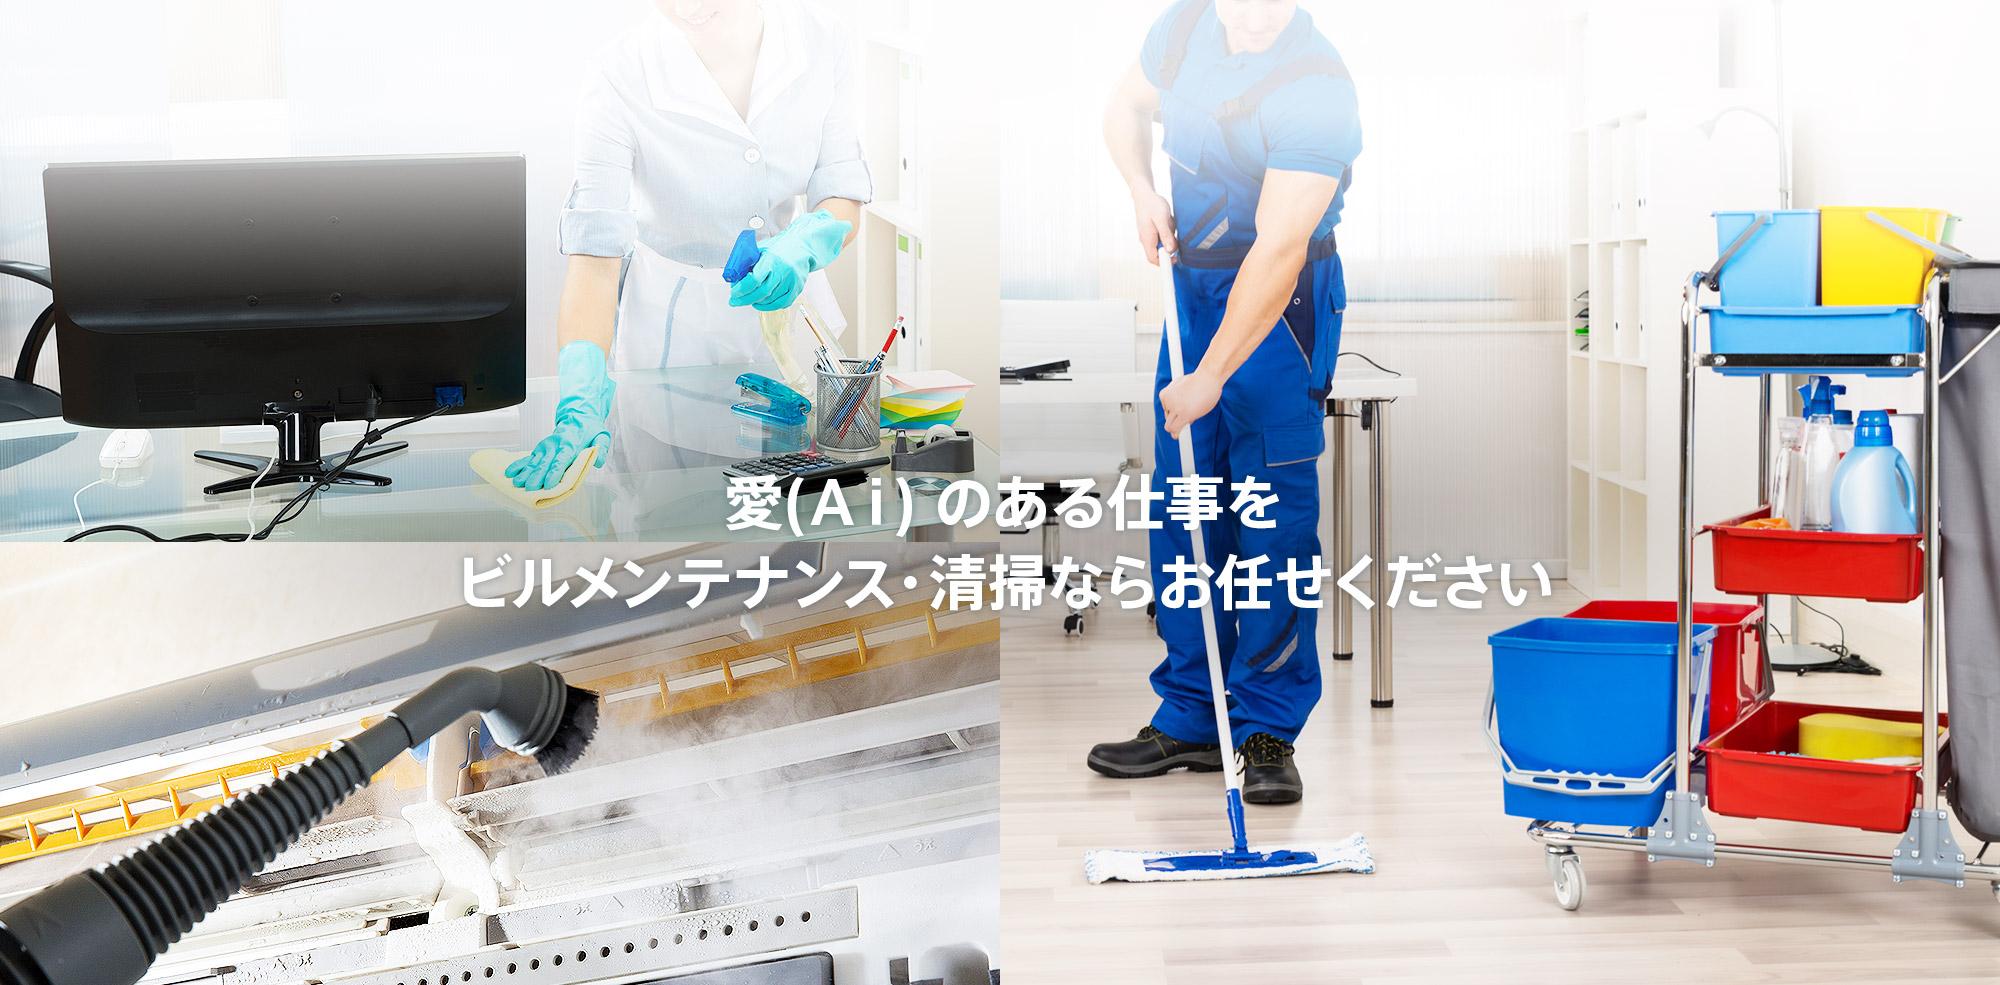 愛(Ai)のある仕事を ビルメンテナンス・清掃ならお任せください